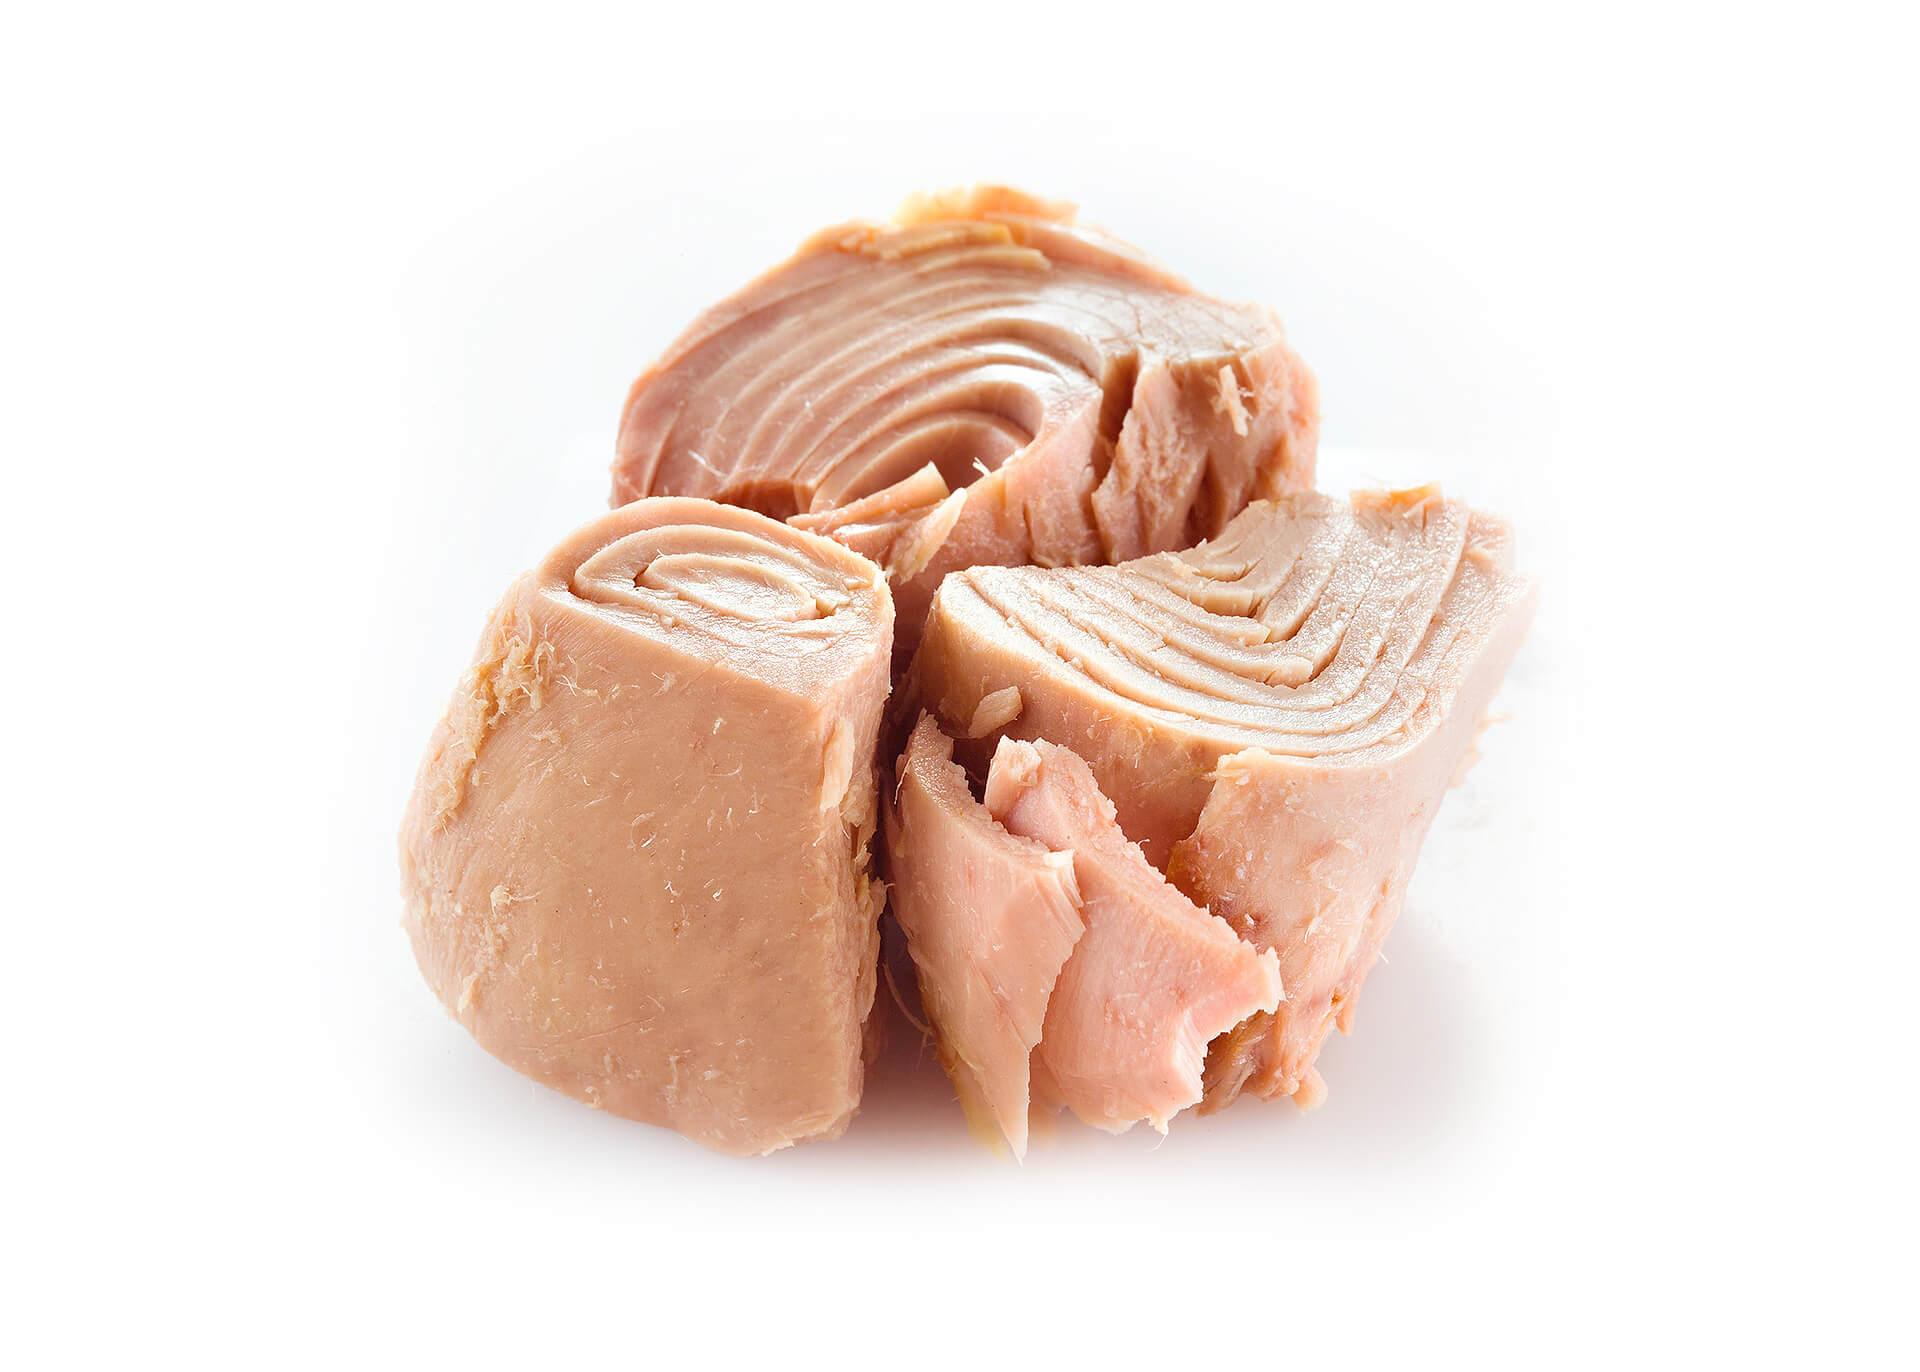 Tuna cutout